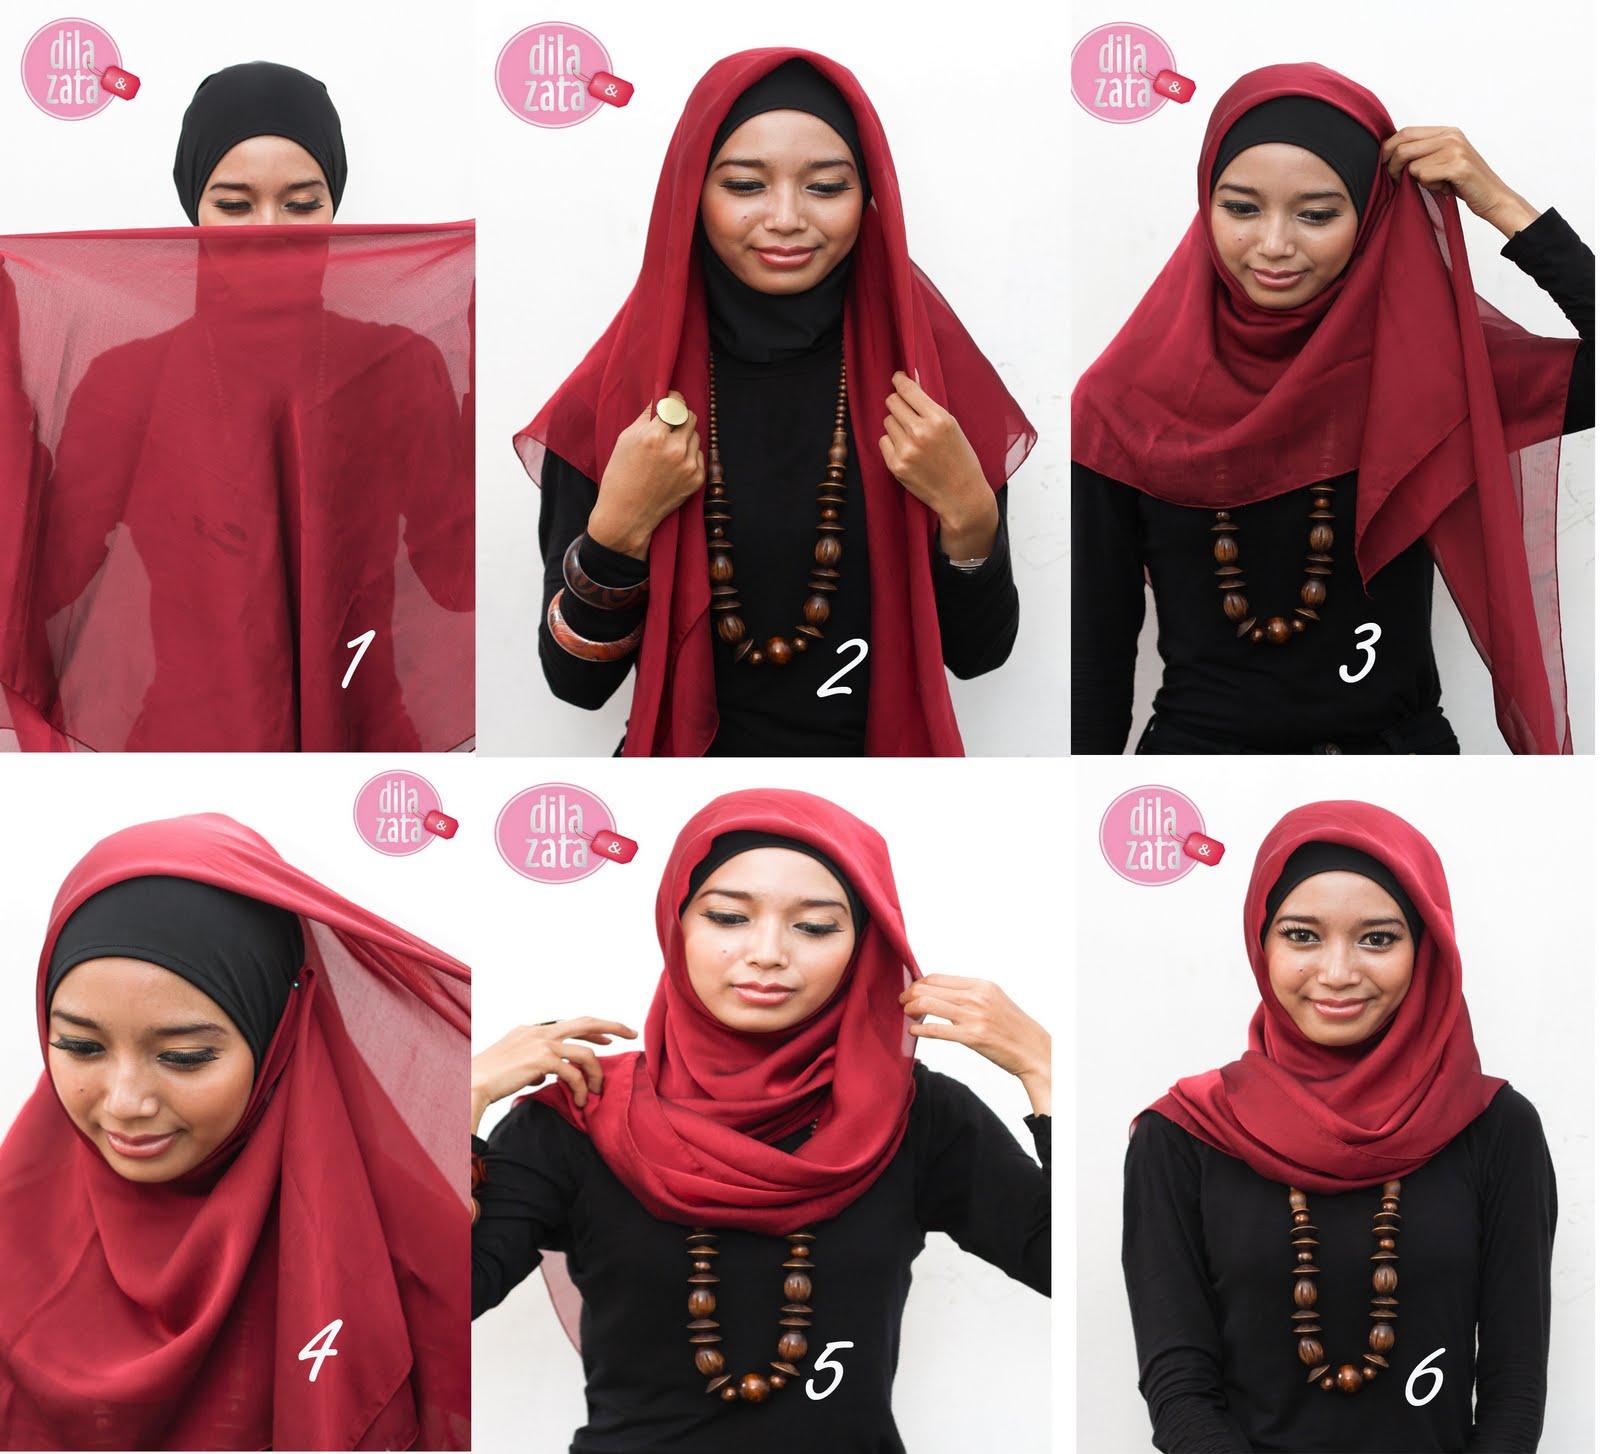 Yaaa udah mulai naik kelas 2 SMA gue memutuskan buat pakai hijab